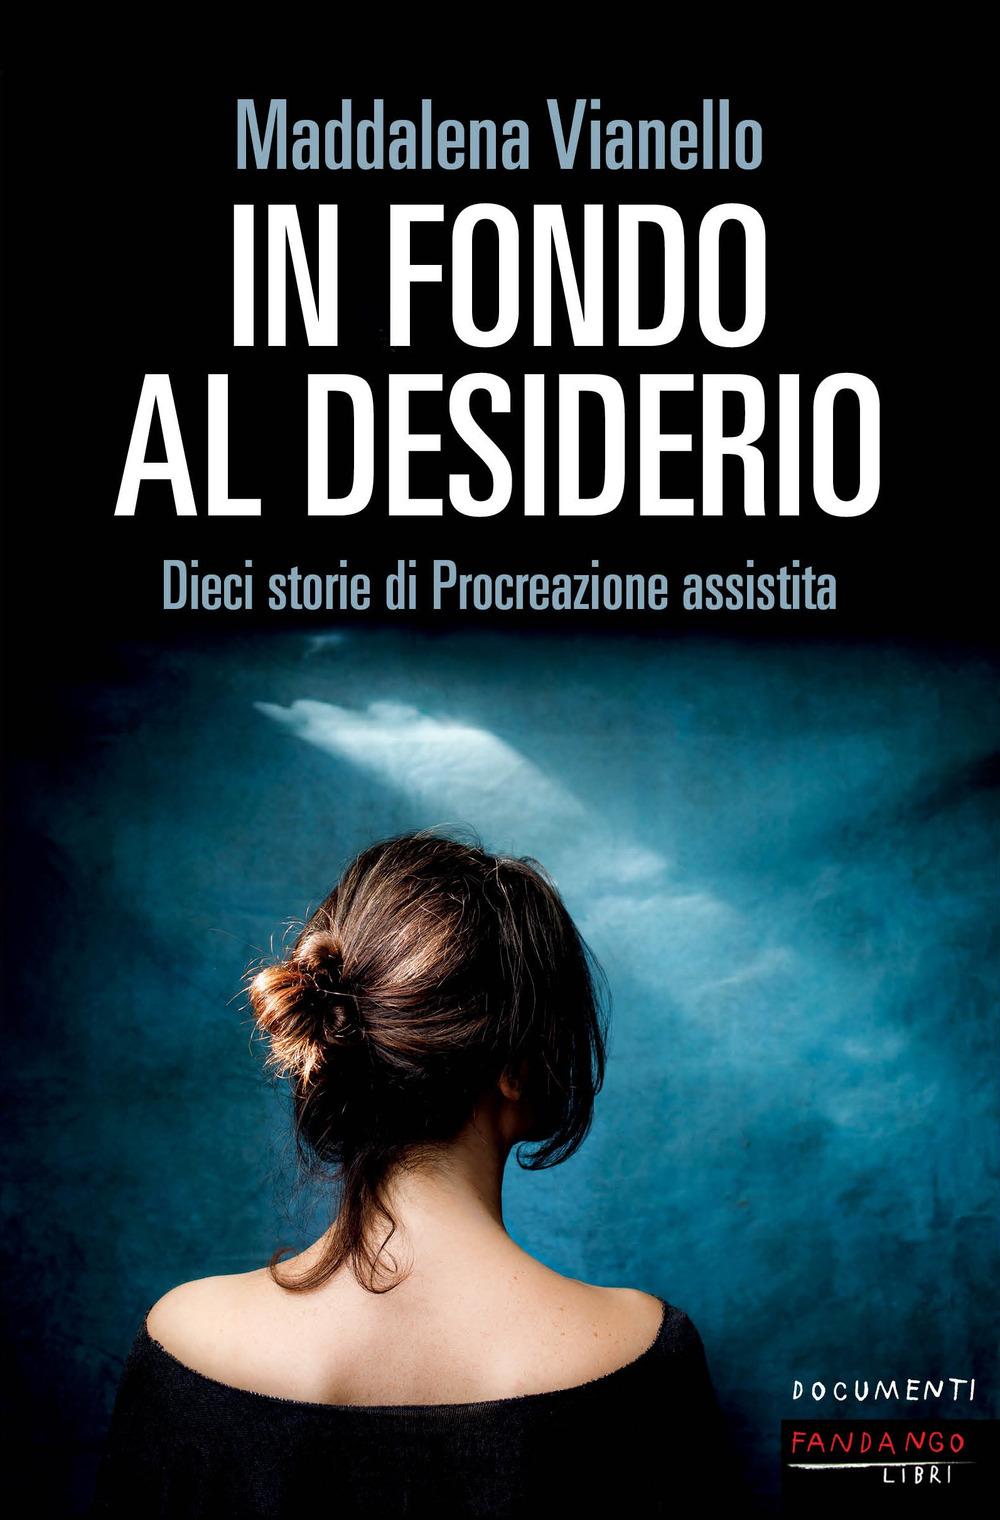 IN FONDO AL DESIDERIO. DIECI STORIE DI PROCREAZIONE ASSISTITA - 9788860447296